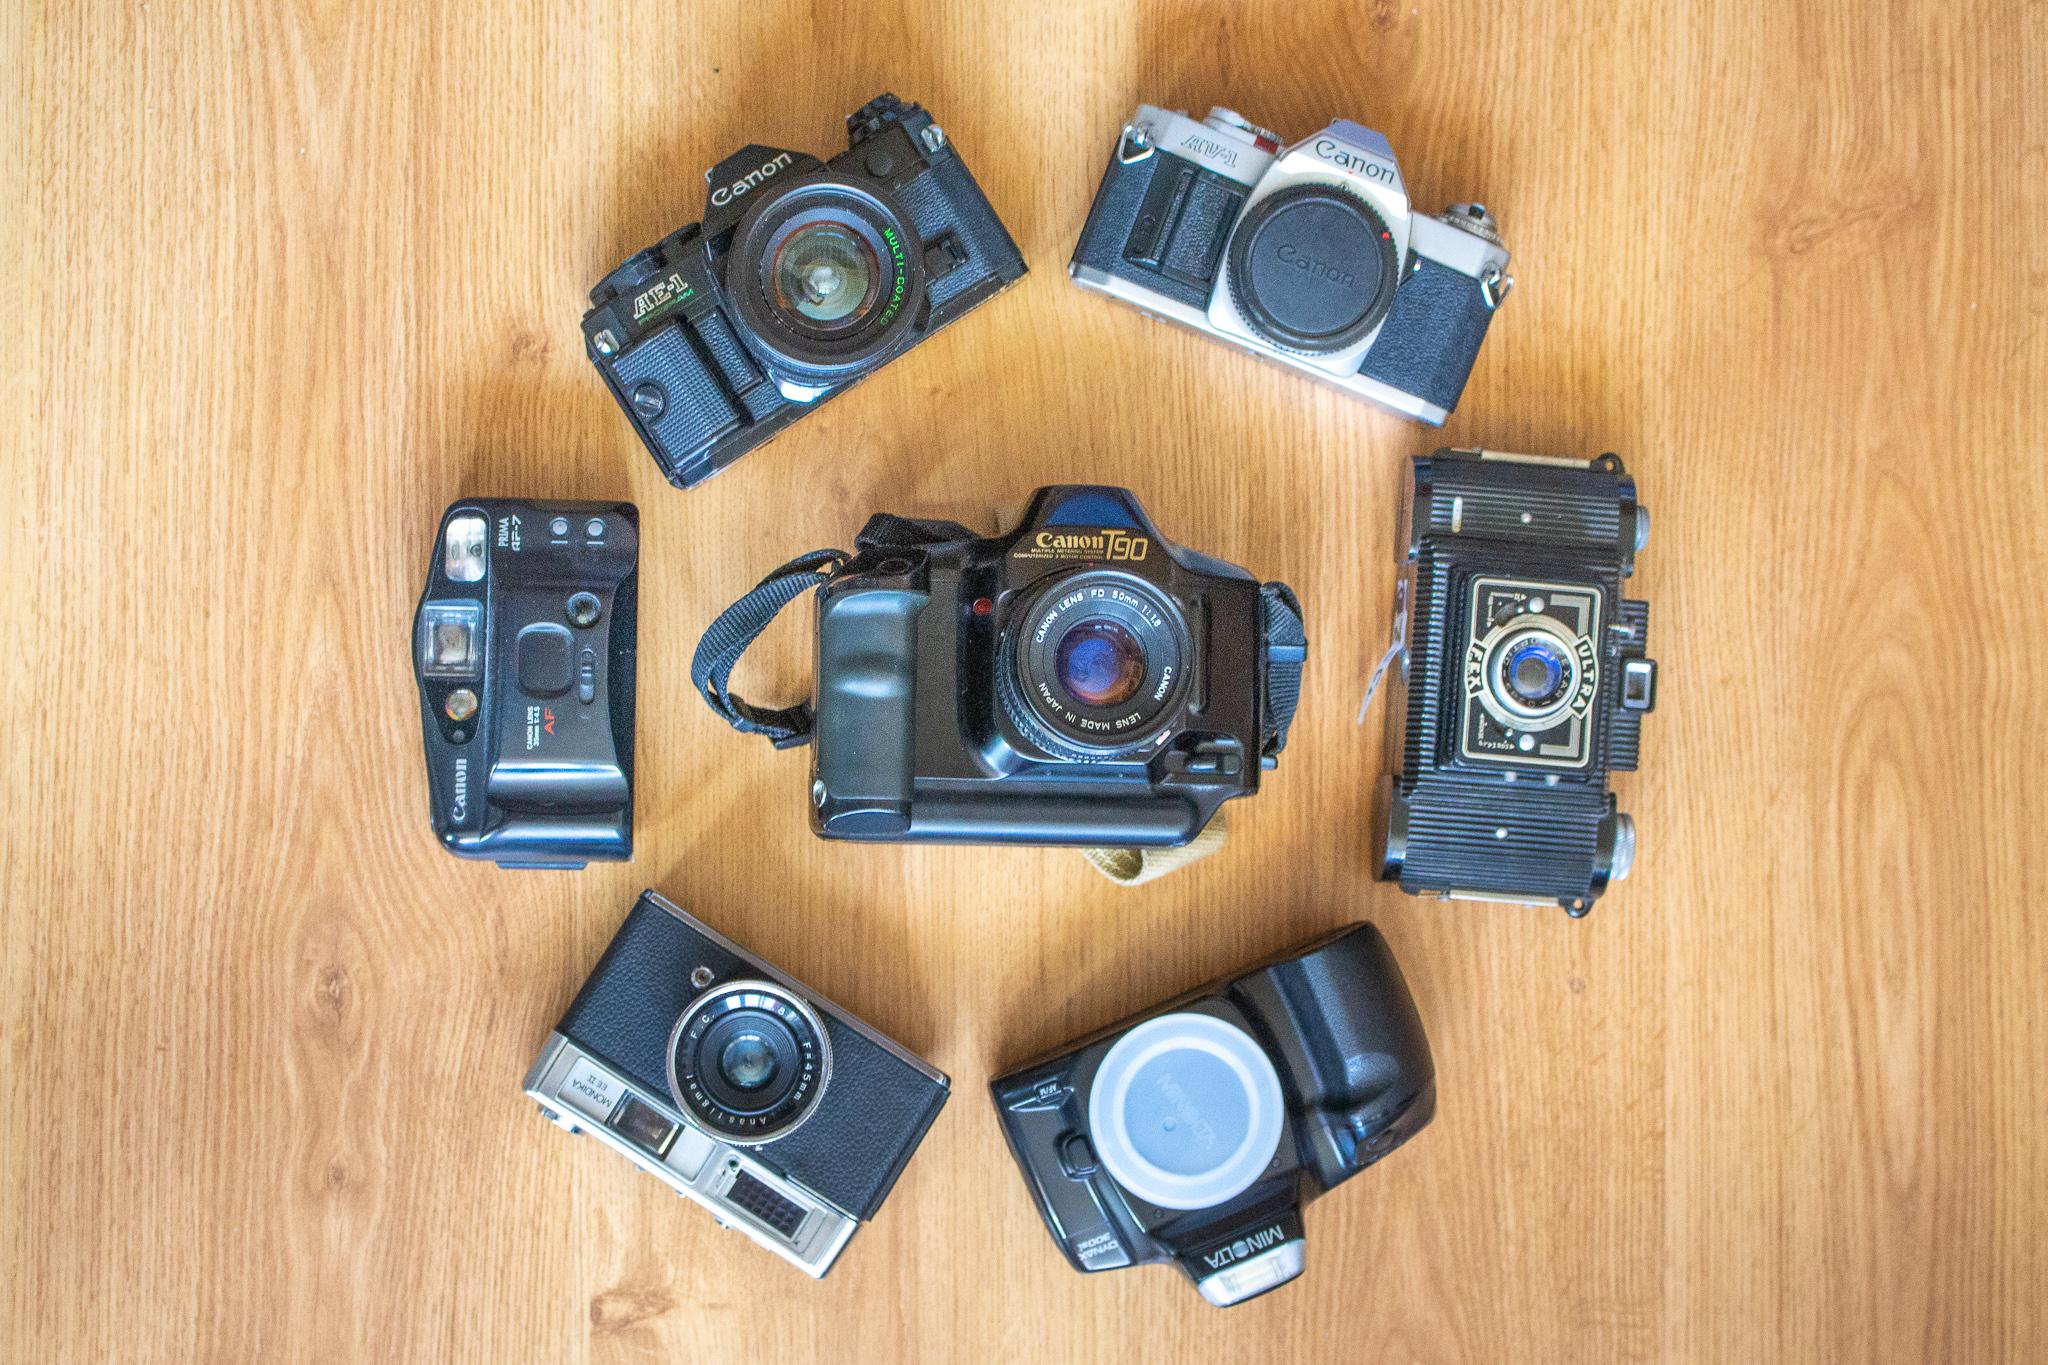 Photographie d'une collection d'appareils photo argentiques